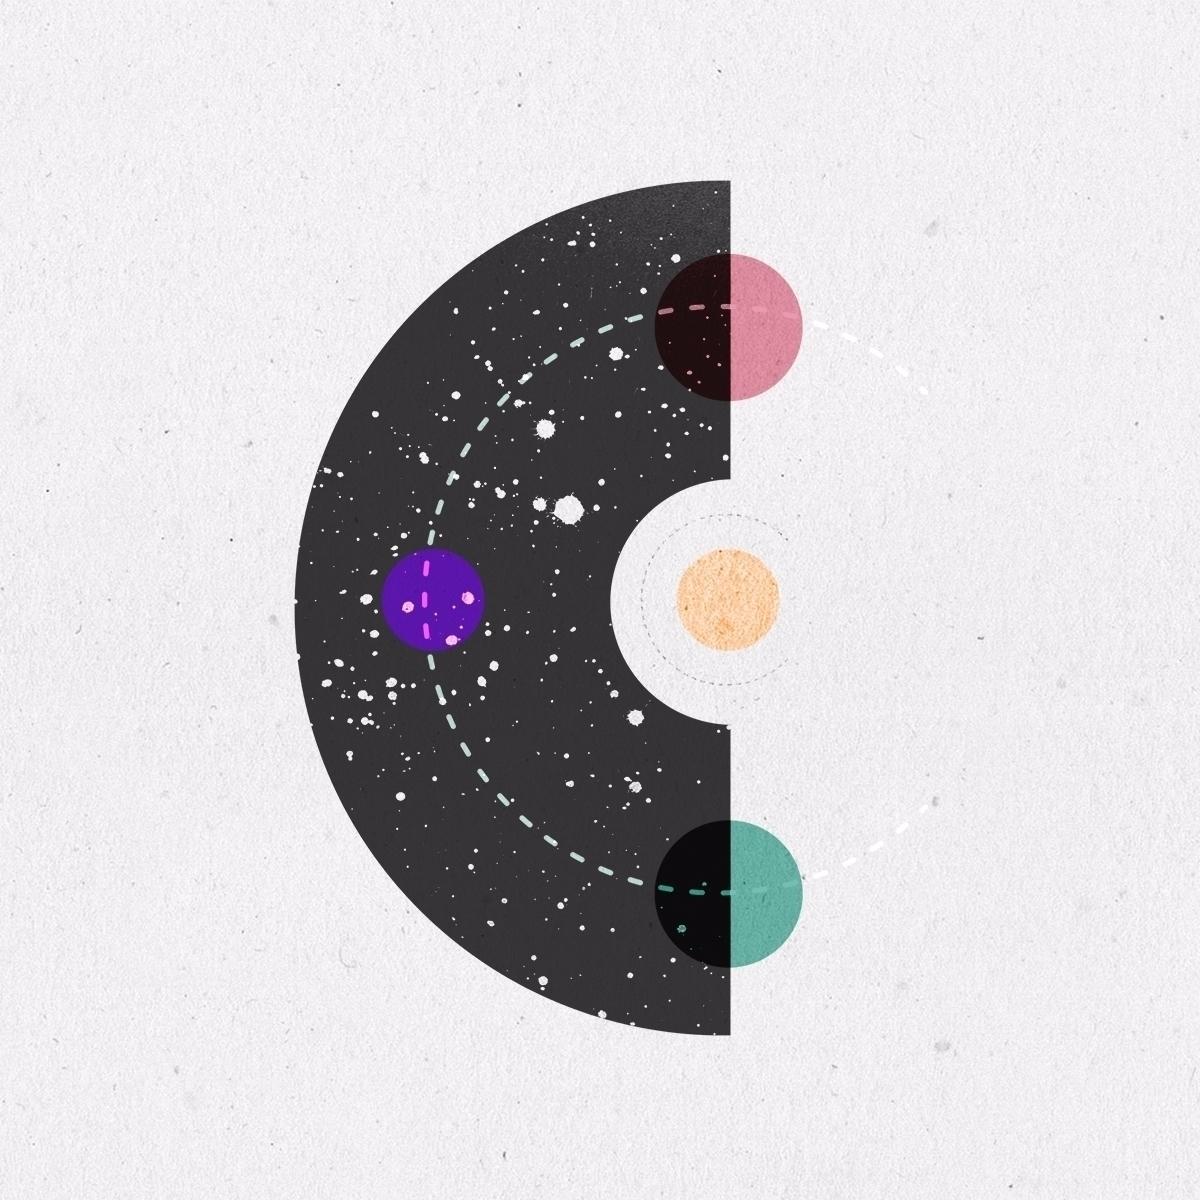 Cosmic - 36daysoftype04, 36days_c - llanwafu | ello